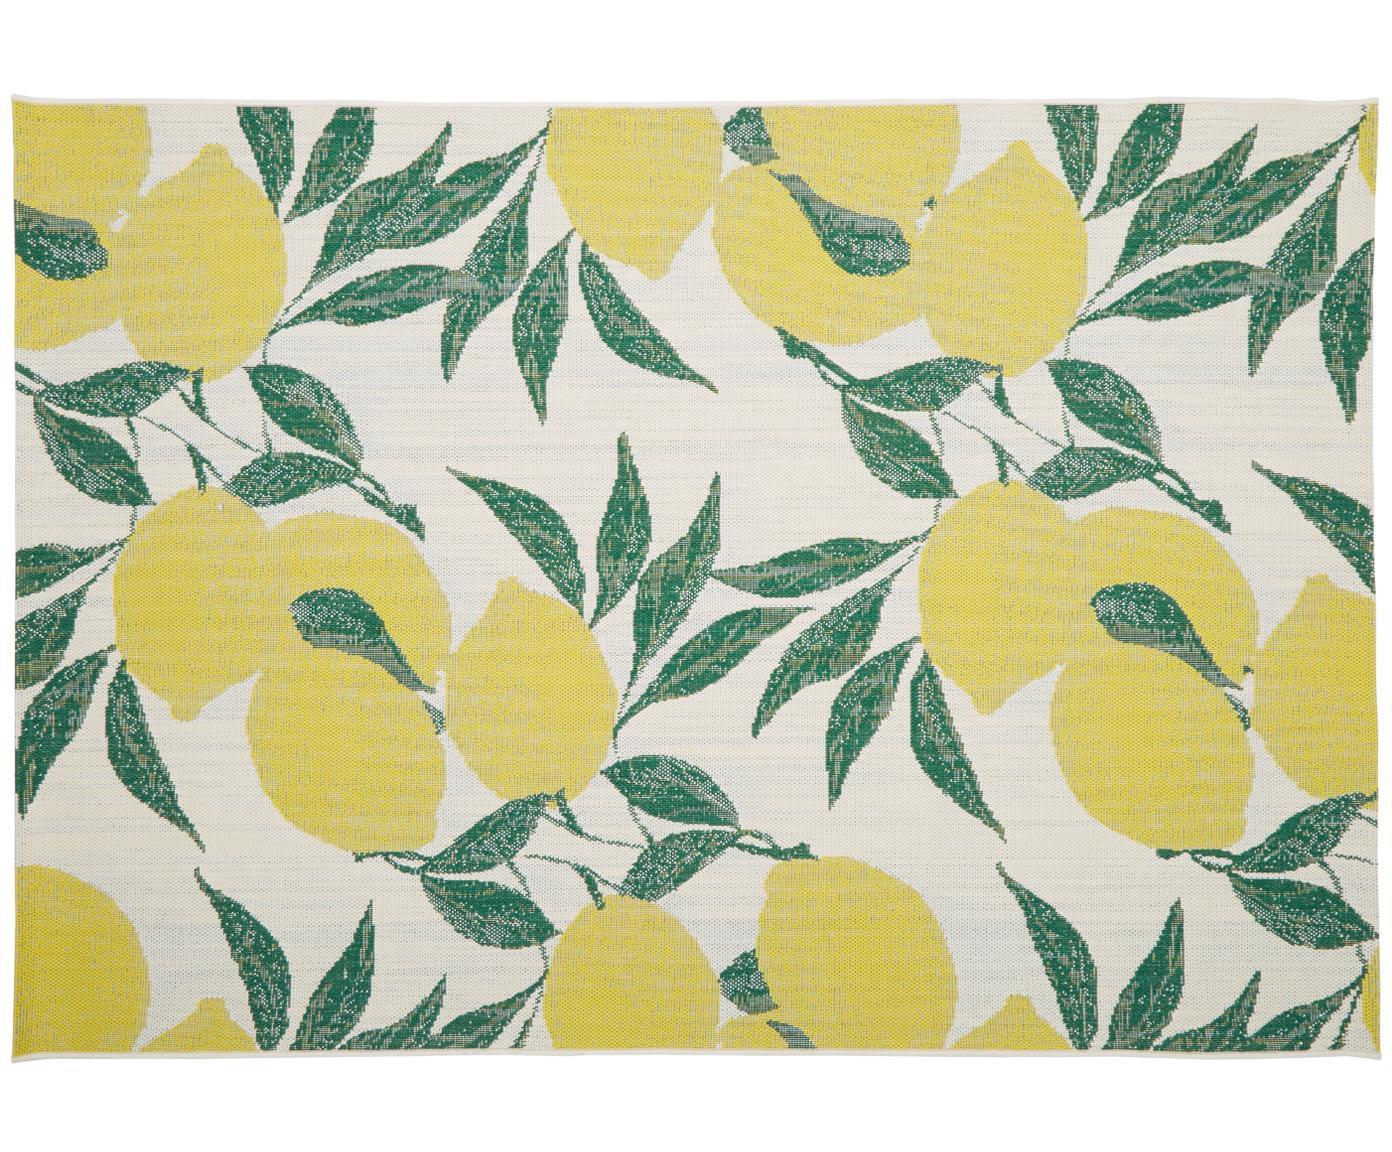 In- & Outdoor-Teppich Limonia mit Zitronen Print, Flor: 100% Polypropylen, Cremeweiß, Gelb, Grün, B 160 x L 230 cm (Größe M)